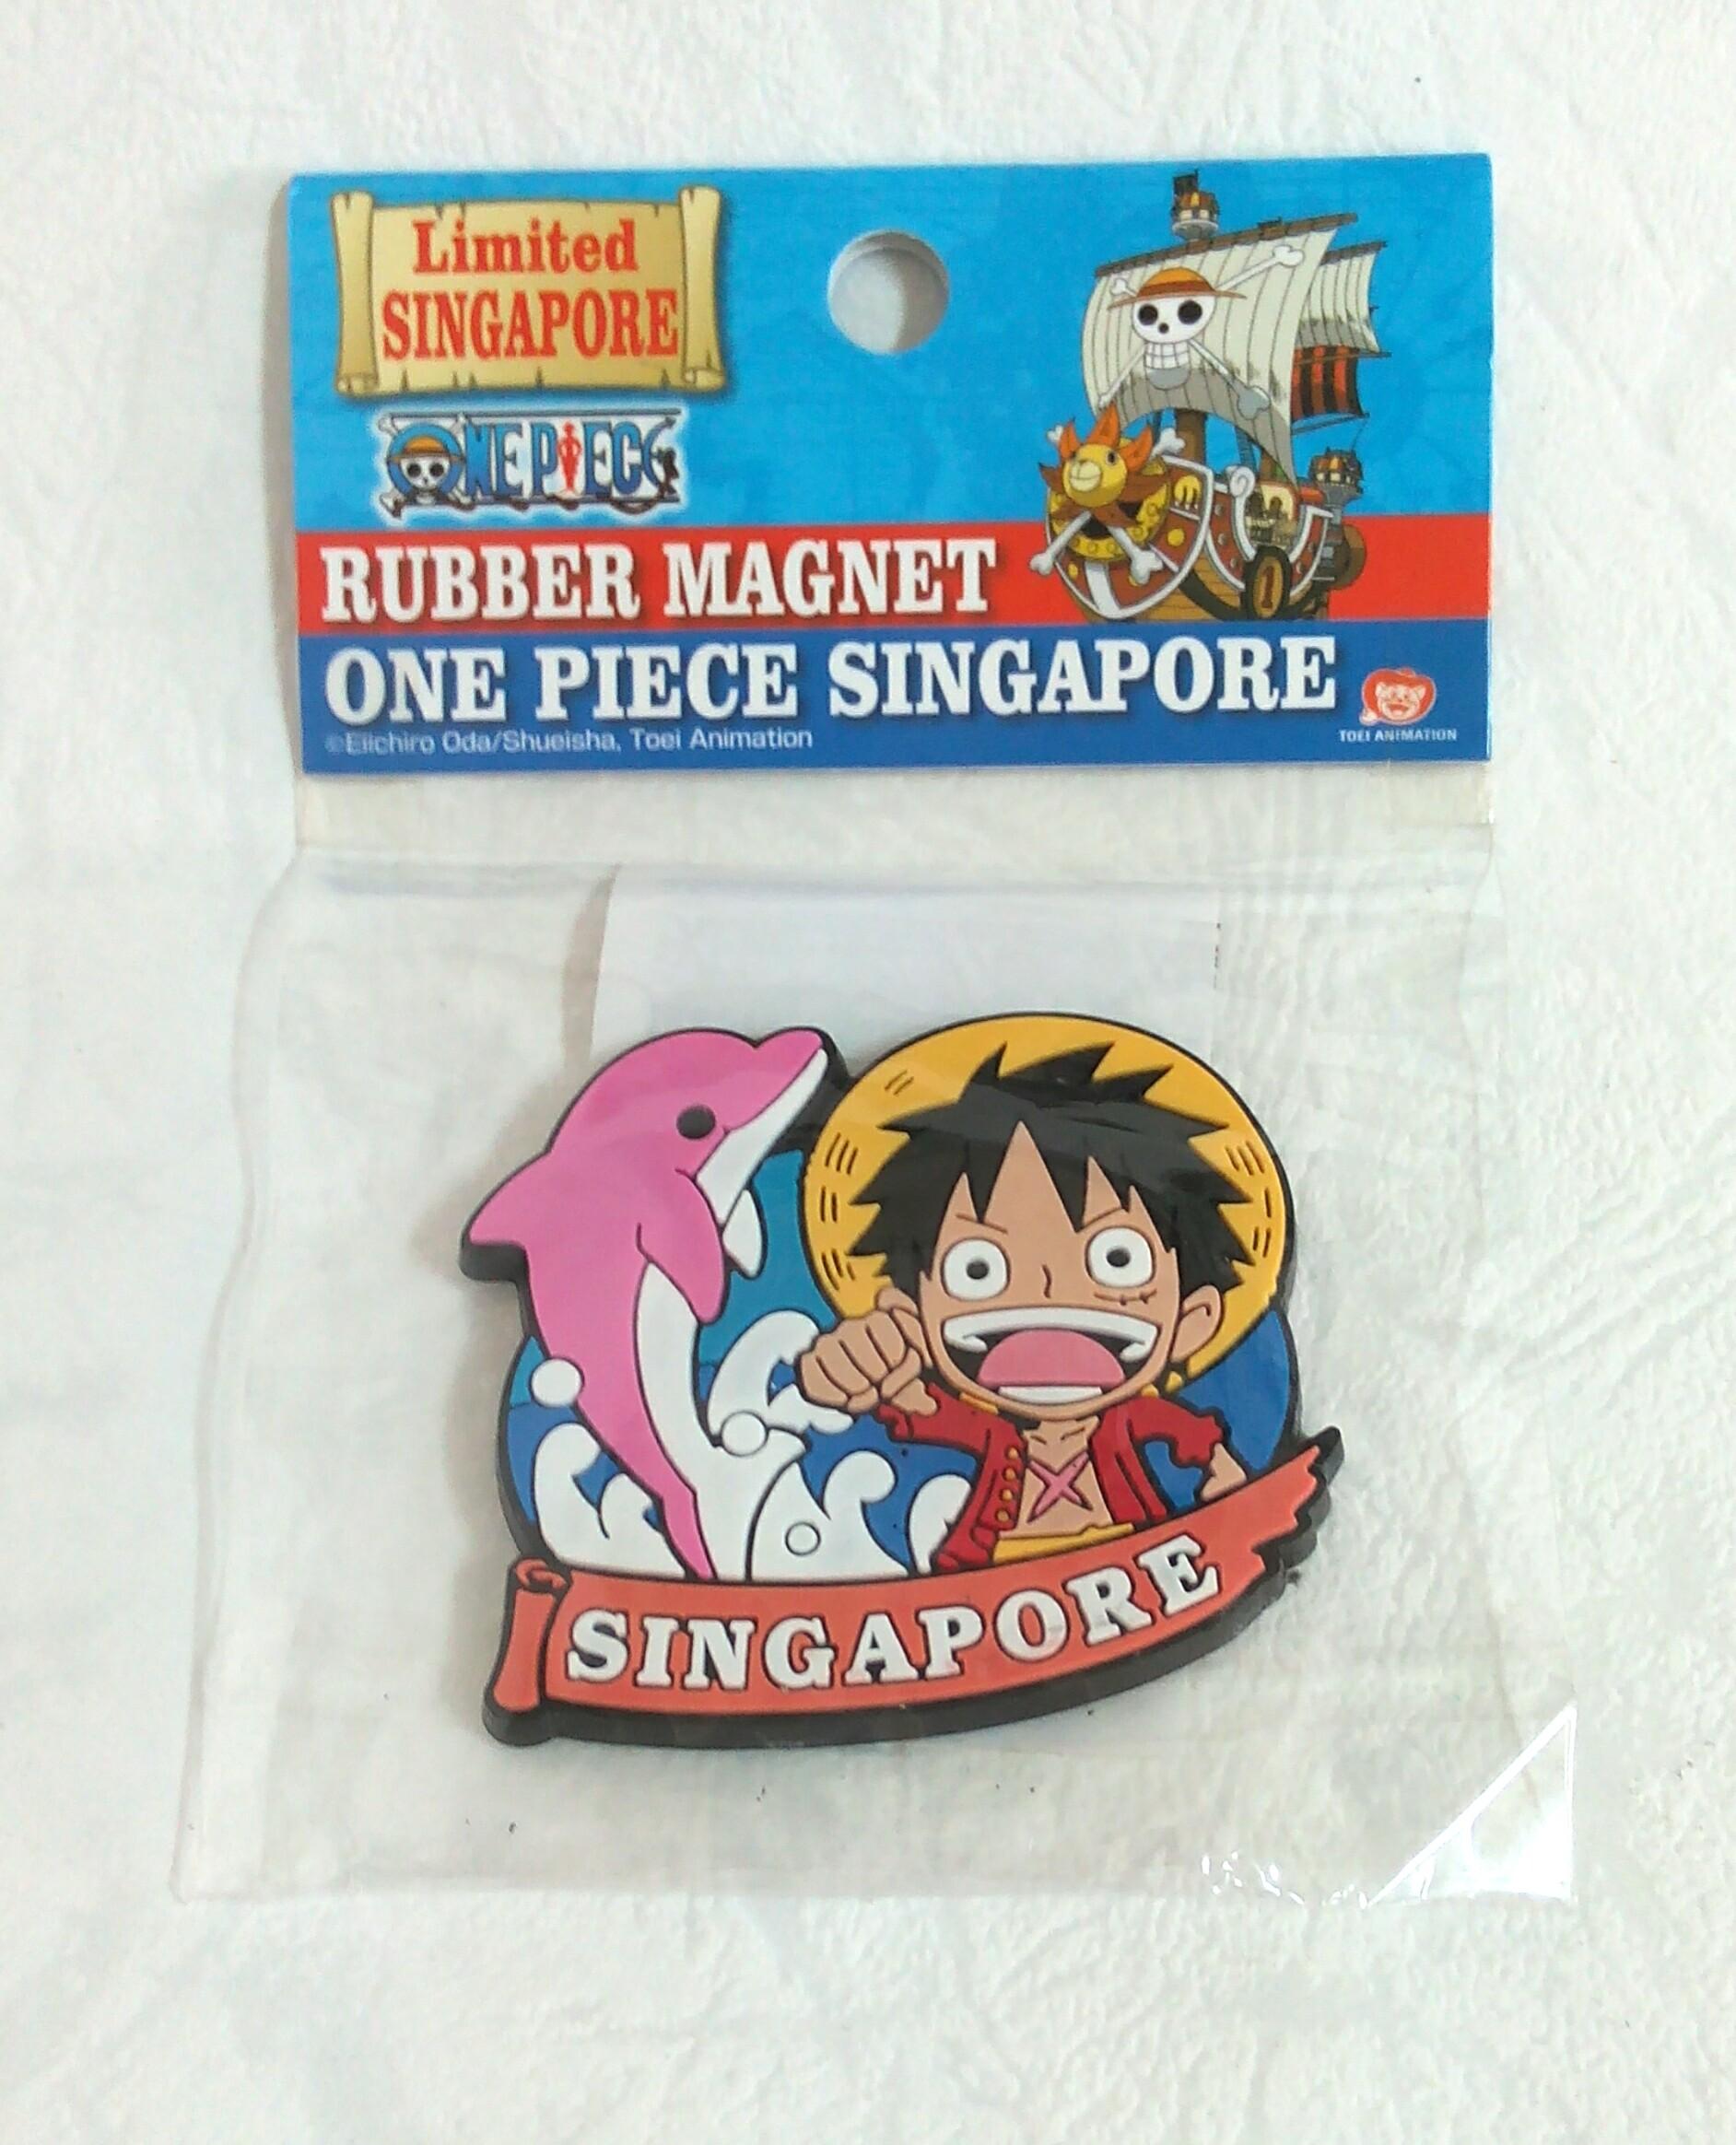 แผ่นแม่เหล็ก Rubber Magnet One Piece Singapore Limited Singapore